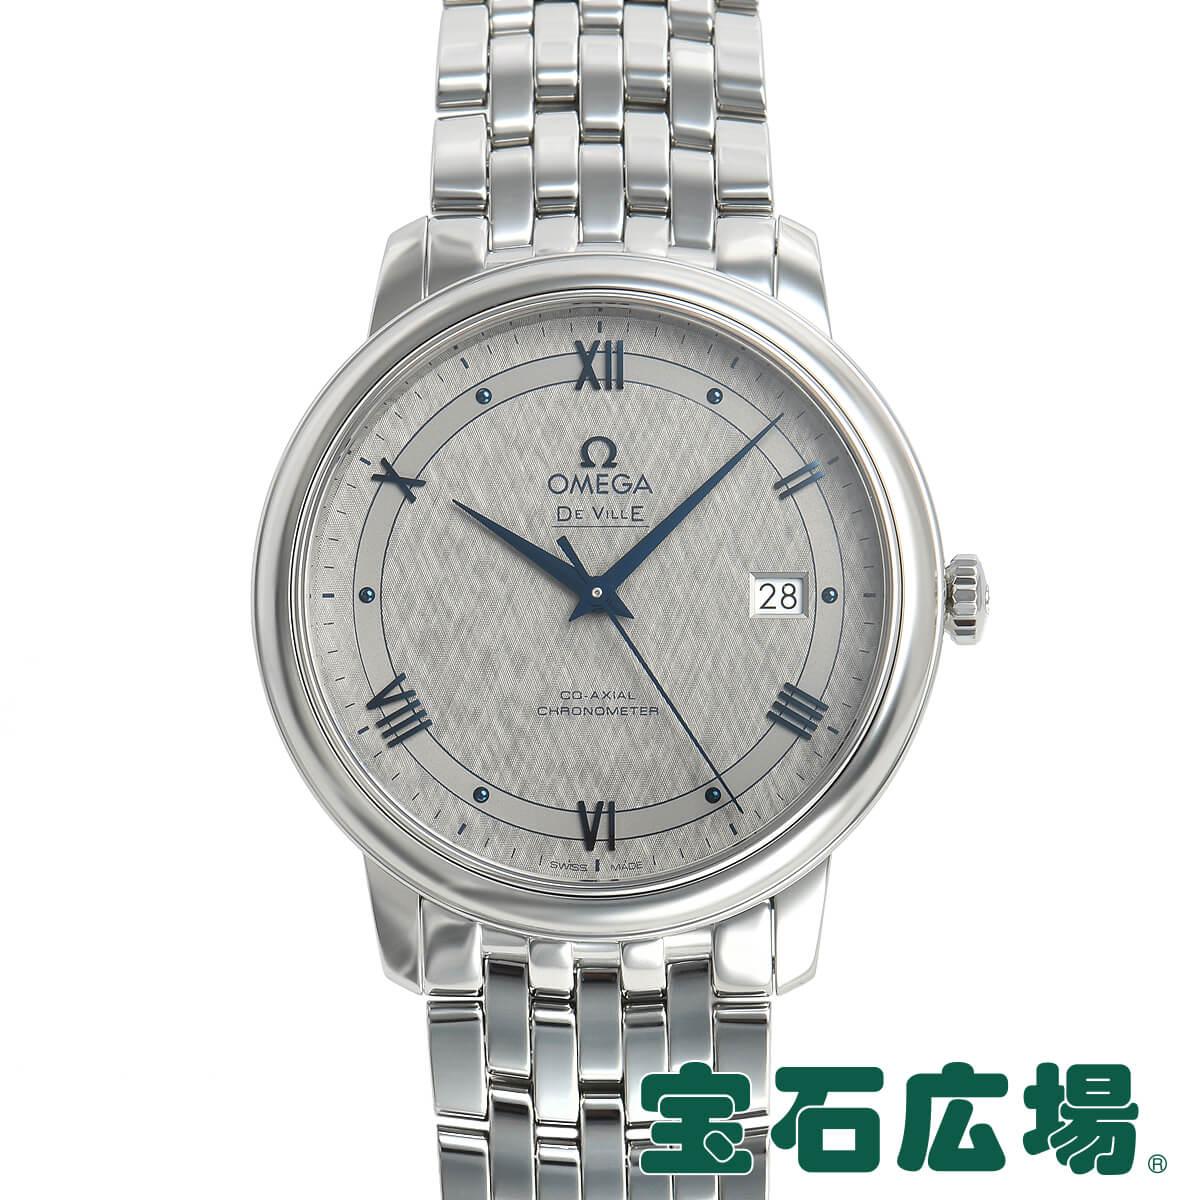 オメガ OMEGA デビル プレステージ コーアクシャル 424.10.40.20.06.002【新品】メンズ 腕時計 送料無料